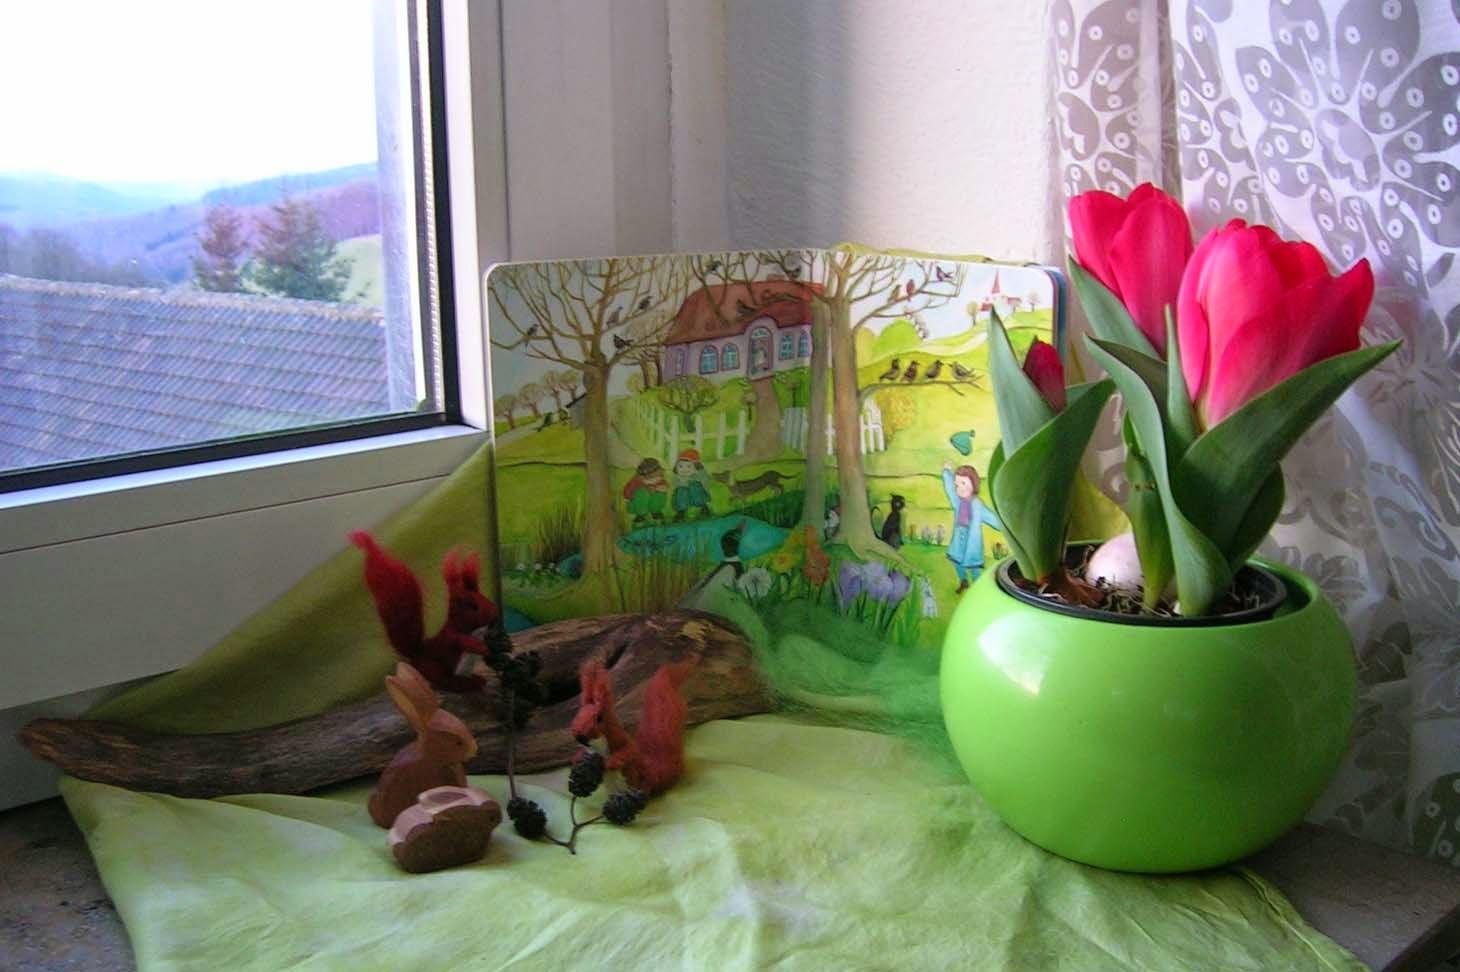 Jahreszeitentisch im März, Jahreszeitentisch im Frühling, Schneeglöckchen, Bilderbuch Frühling, Jahrezeitenecke, Waldorfkindergarten, Waldorfpädagogik